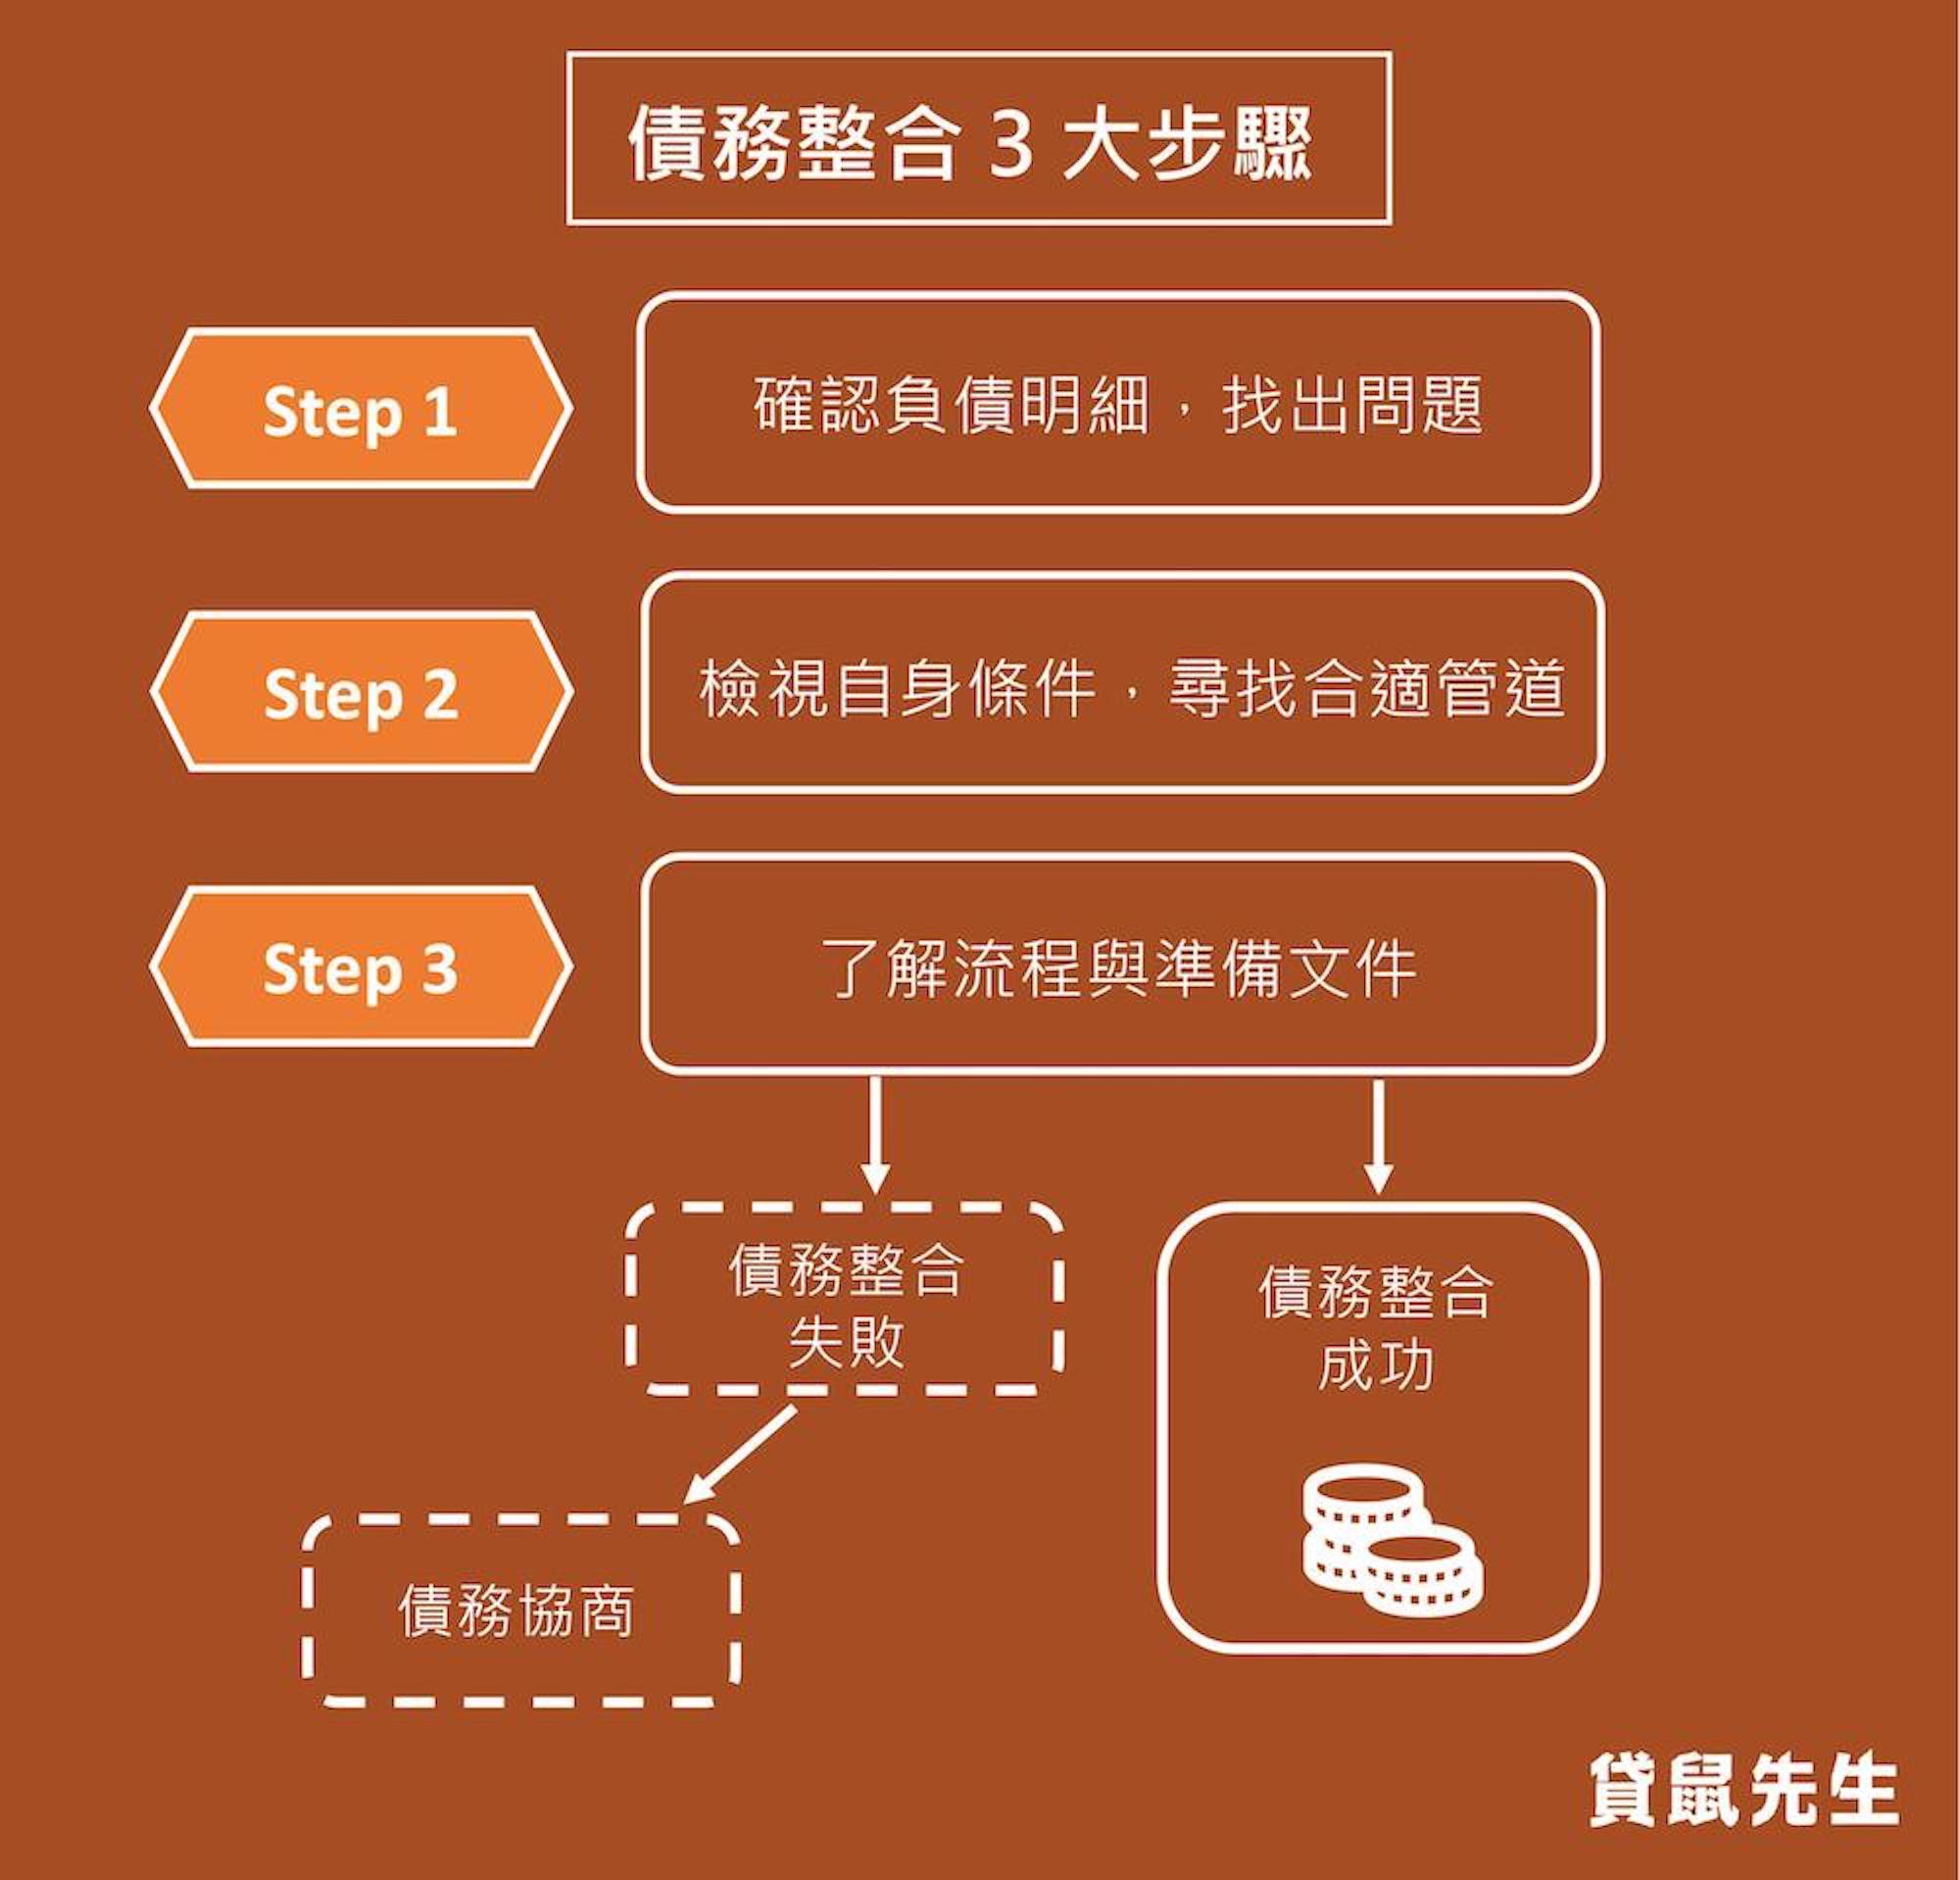 債務整合 3 大步驟